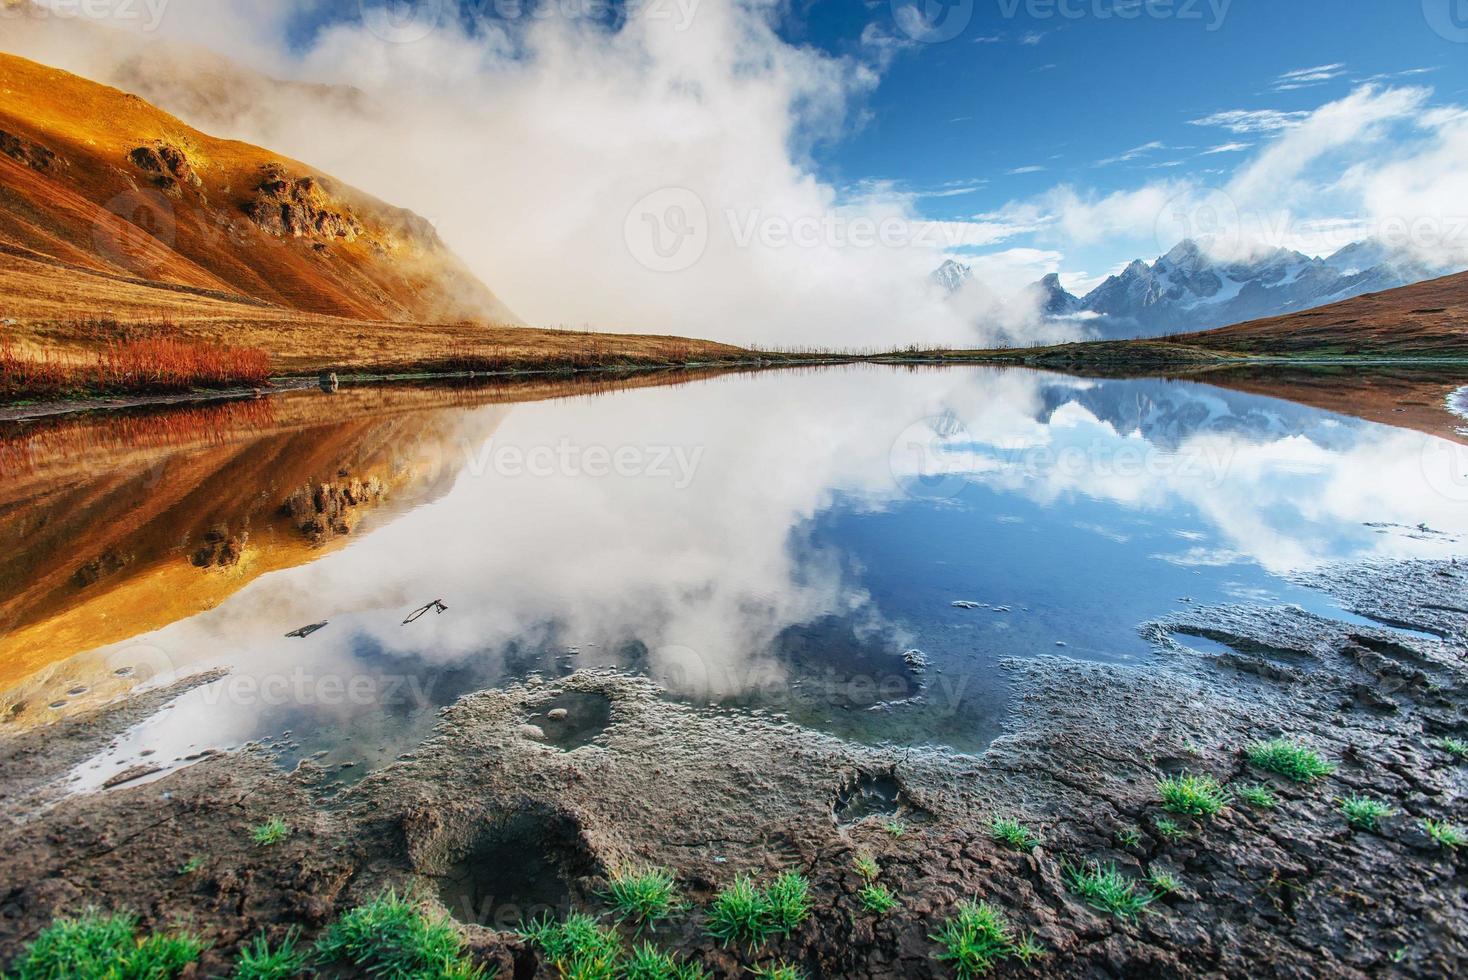 koruldi bergmeer. Upper Svaneti, Georgië, Europa. Kaukasus foto